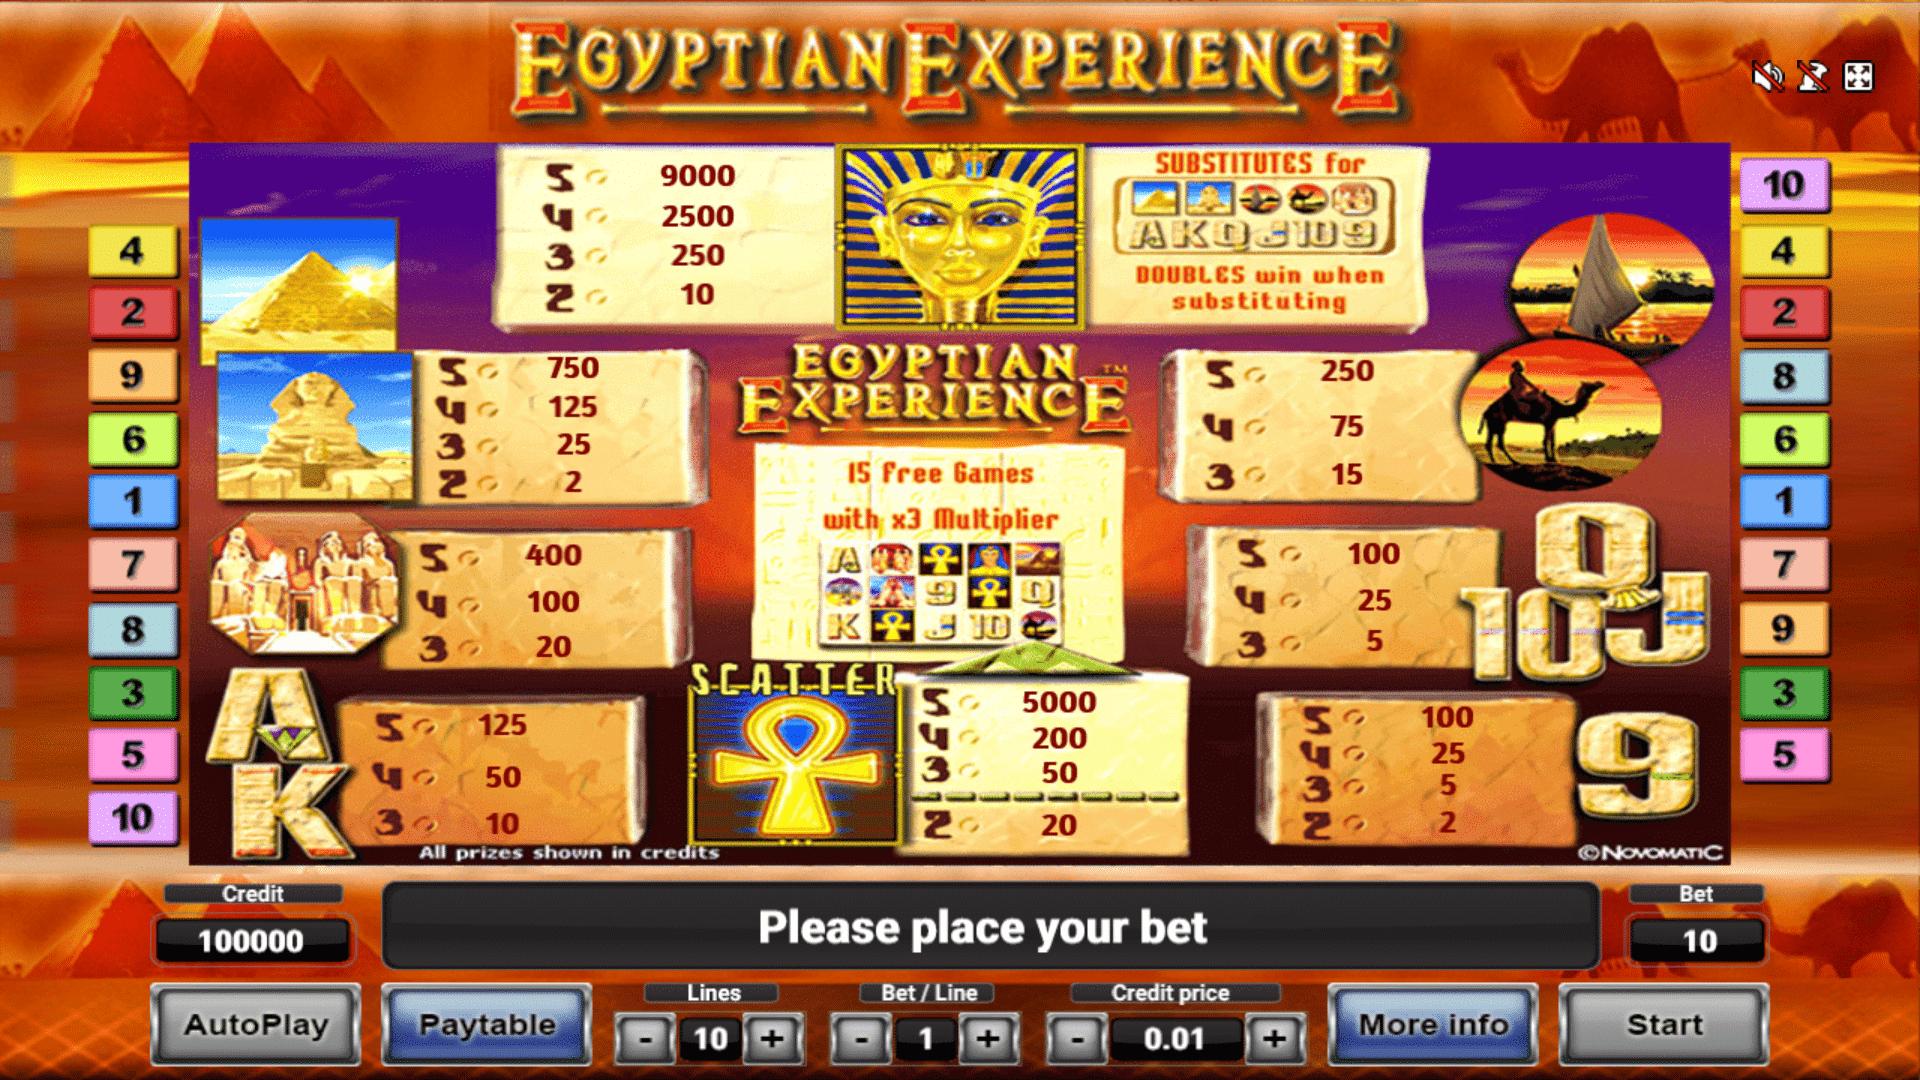 Tabella Pagamenti della Slot gratis Egyptian Experience